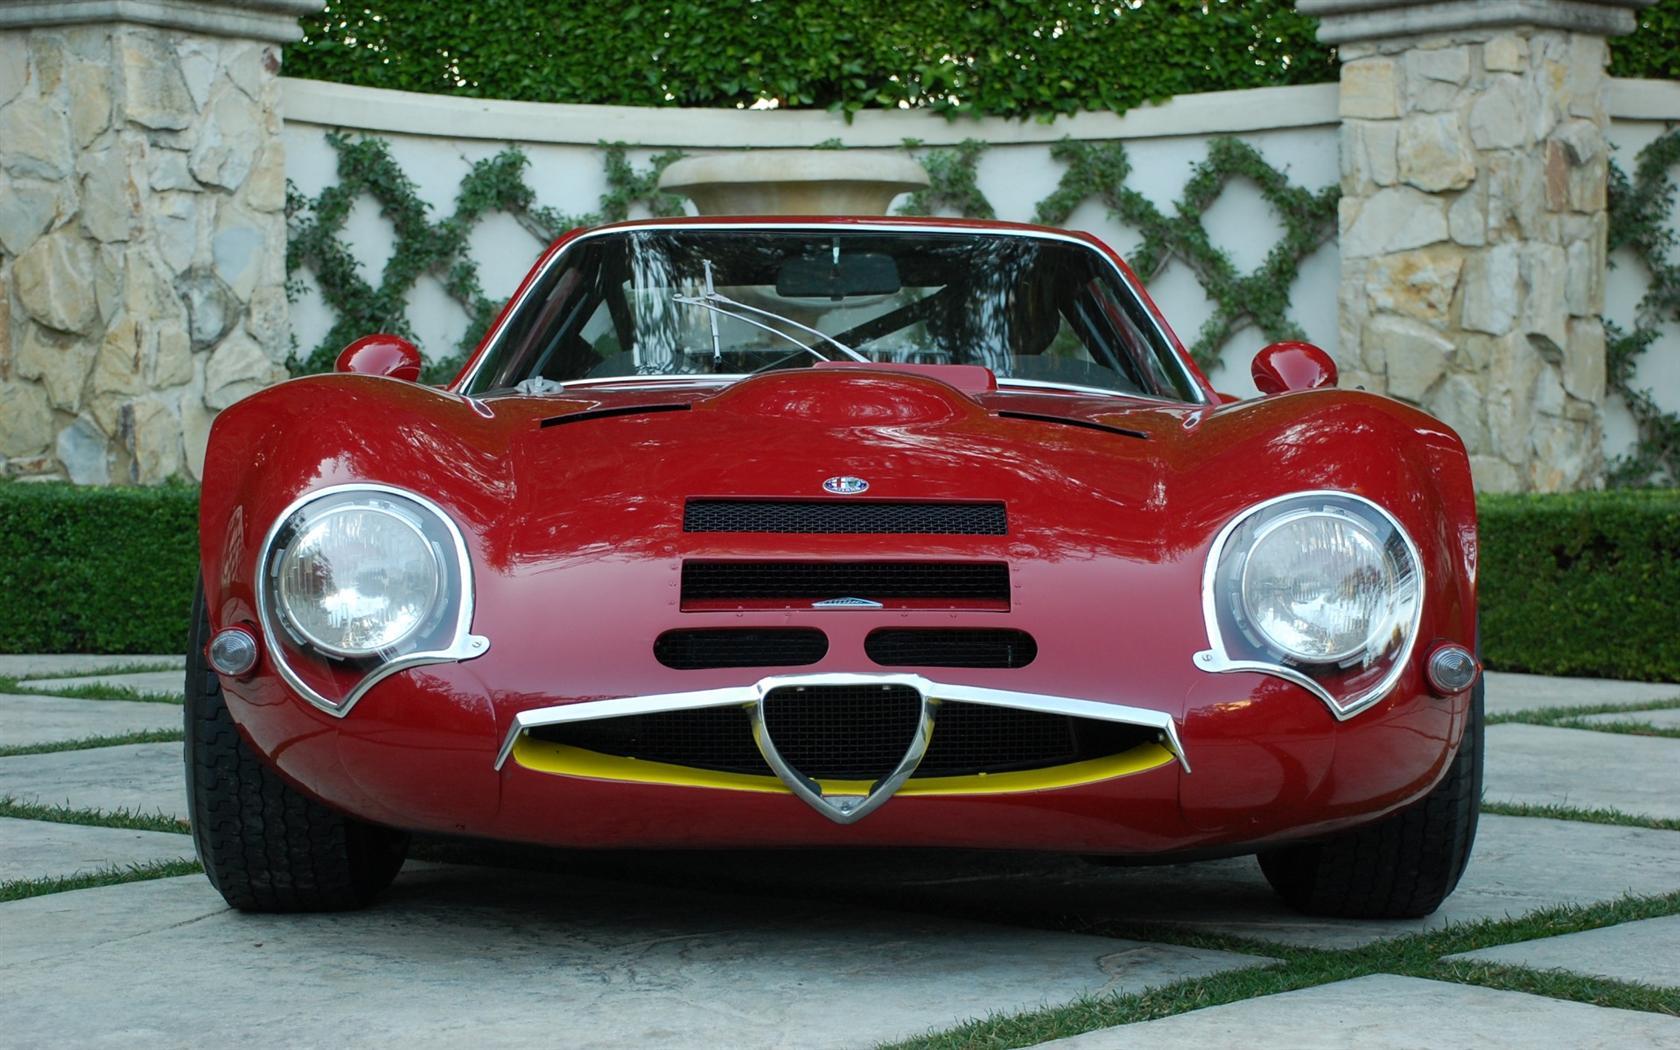 1965 Alfa Romeo Giulia Tz2 Image